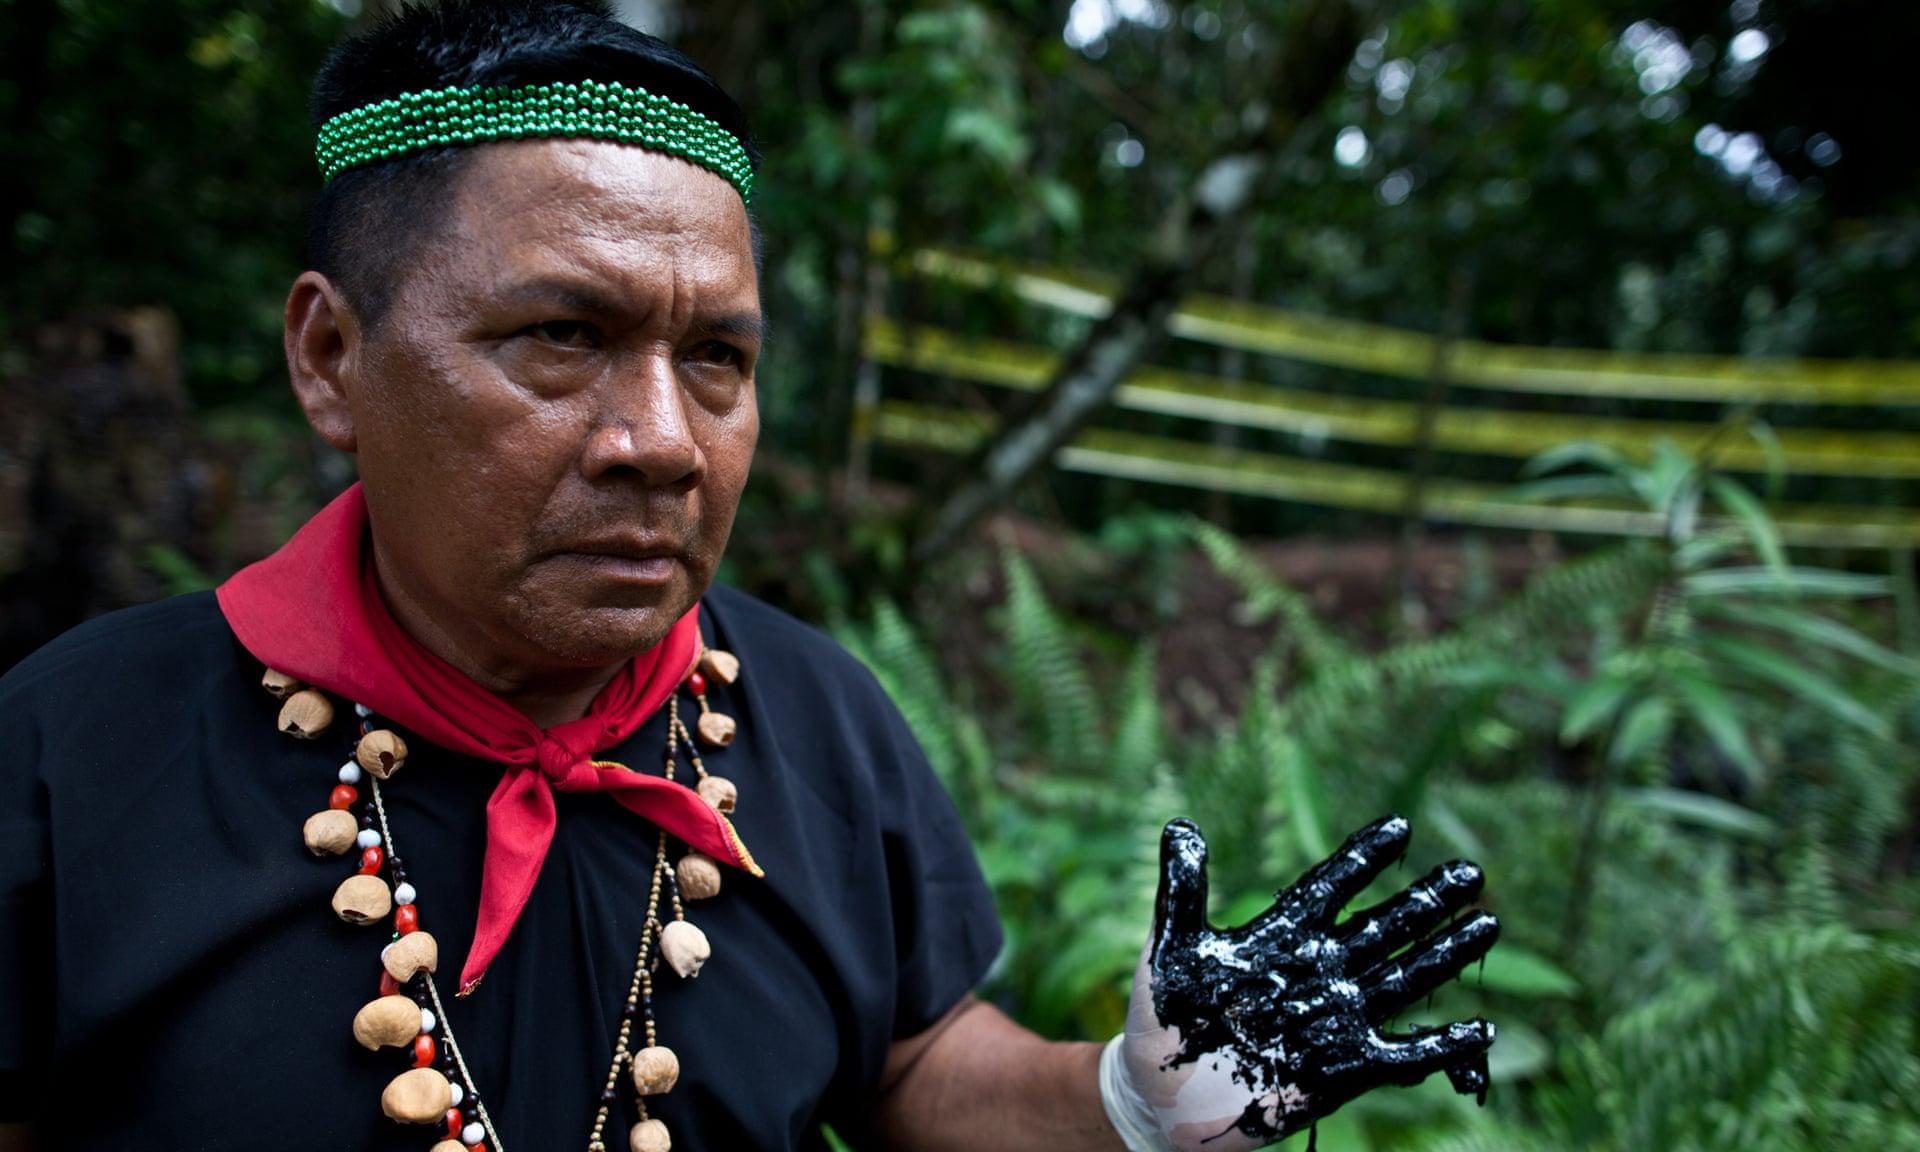 Emergildo Criollo, a Kofan leader and member of the Ceibo Alliance. Photograph: Ceibo Alliance